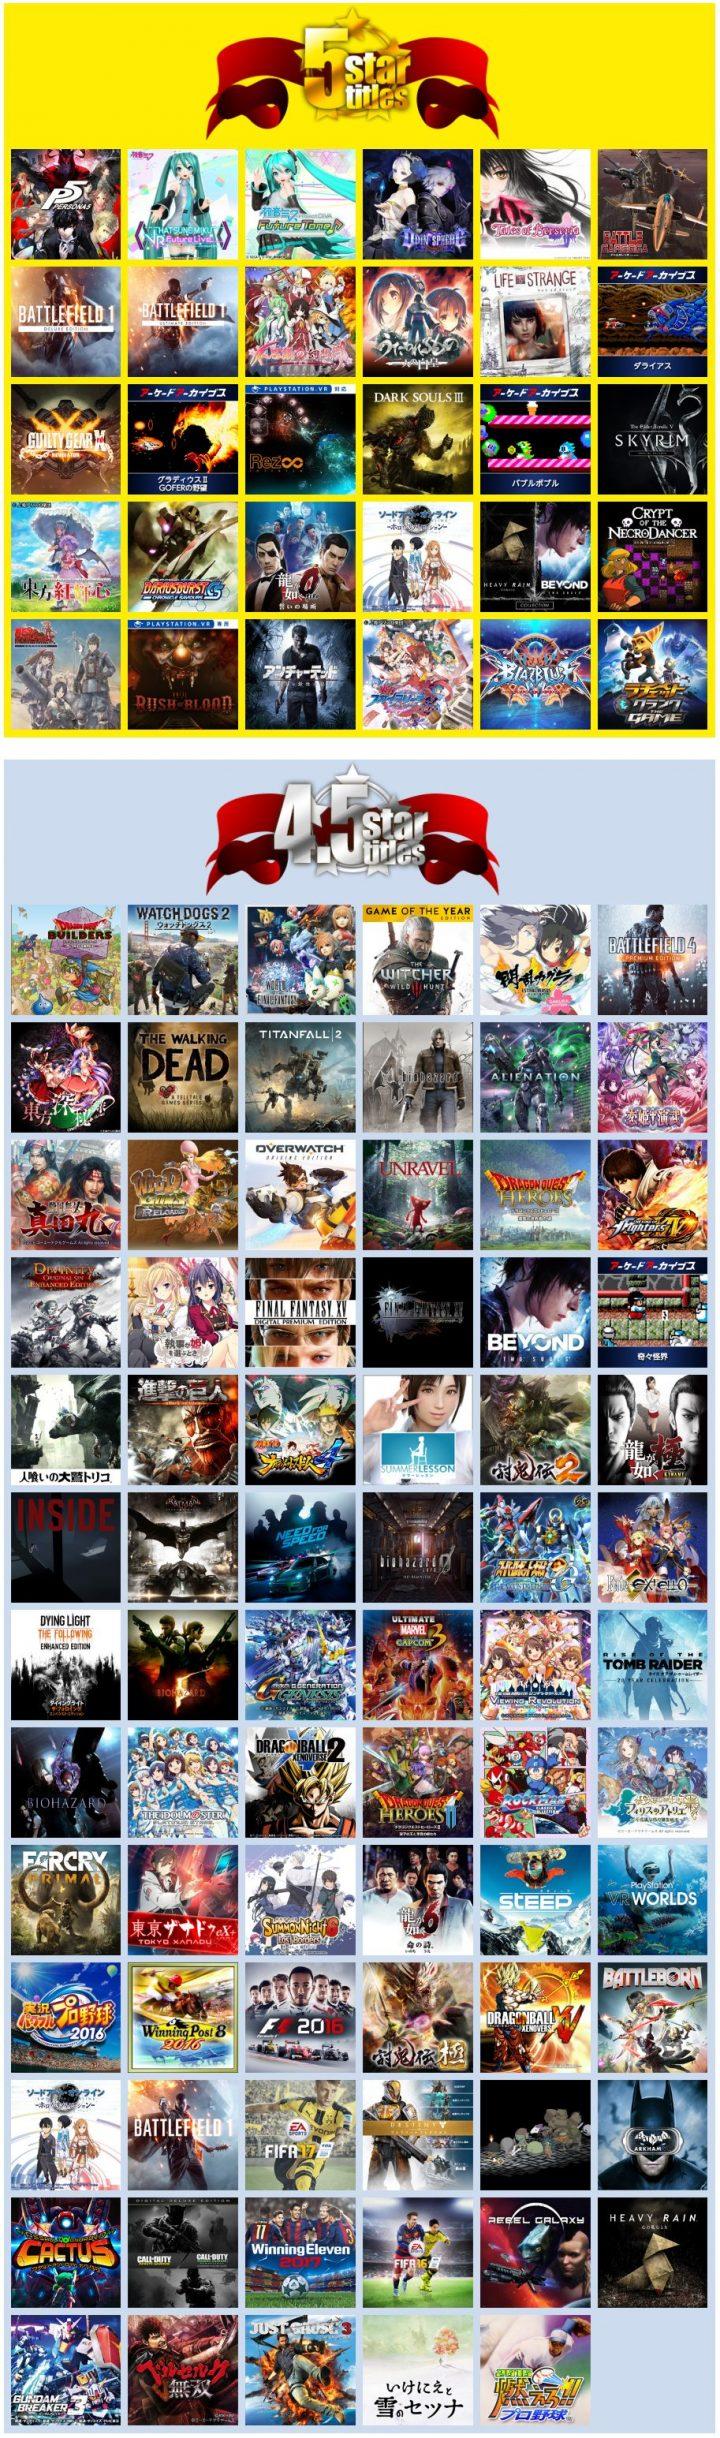 PS Store:人気ゲームのみが対象の「5 Star Champions」キャンペーン開催、最大80%OFFで抽選でPSチケット1万円も